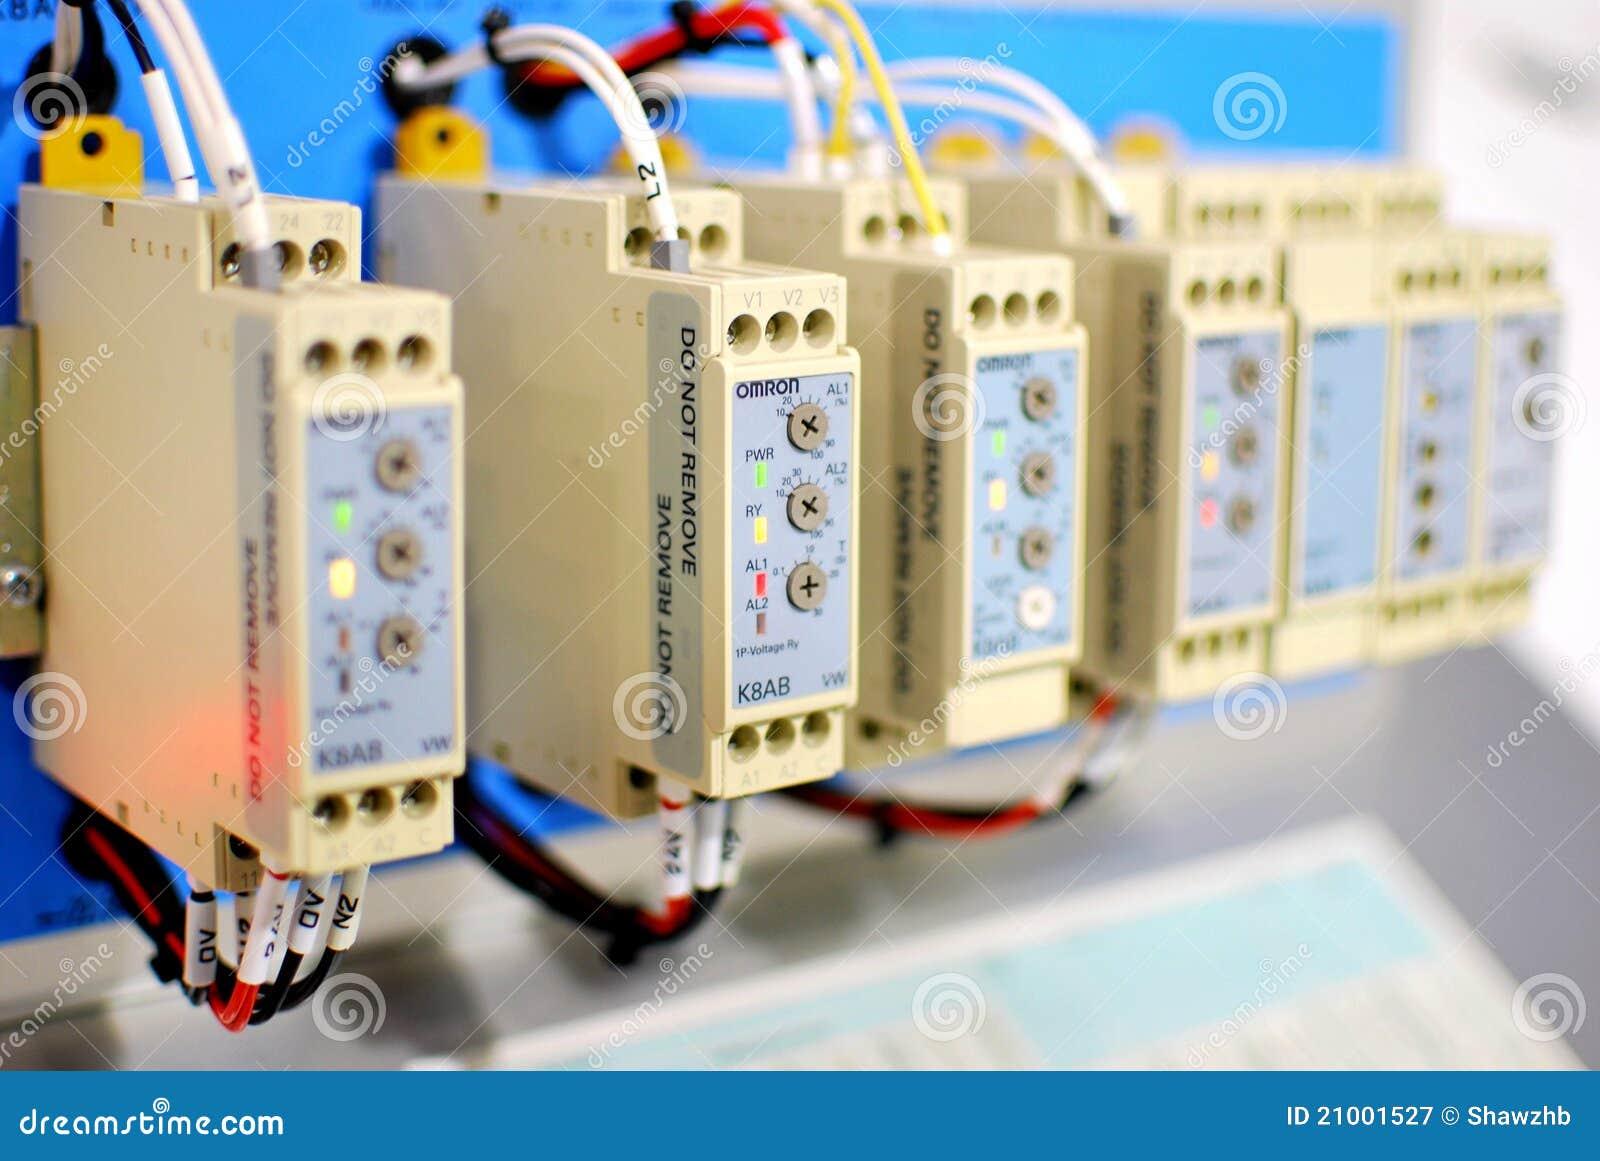 自动化连接工厂